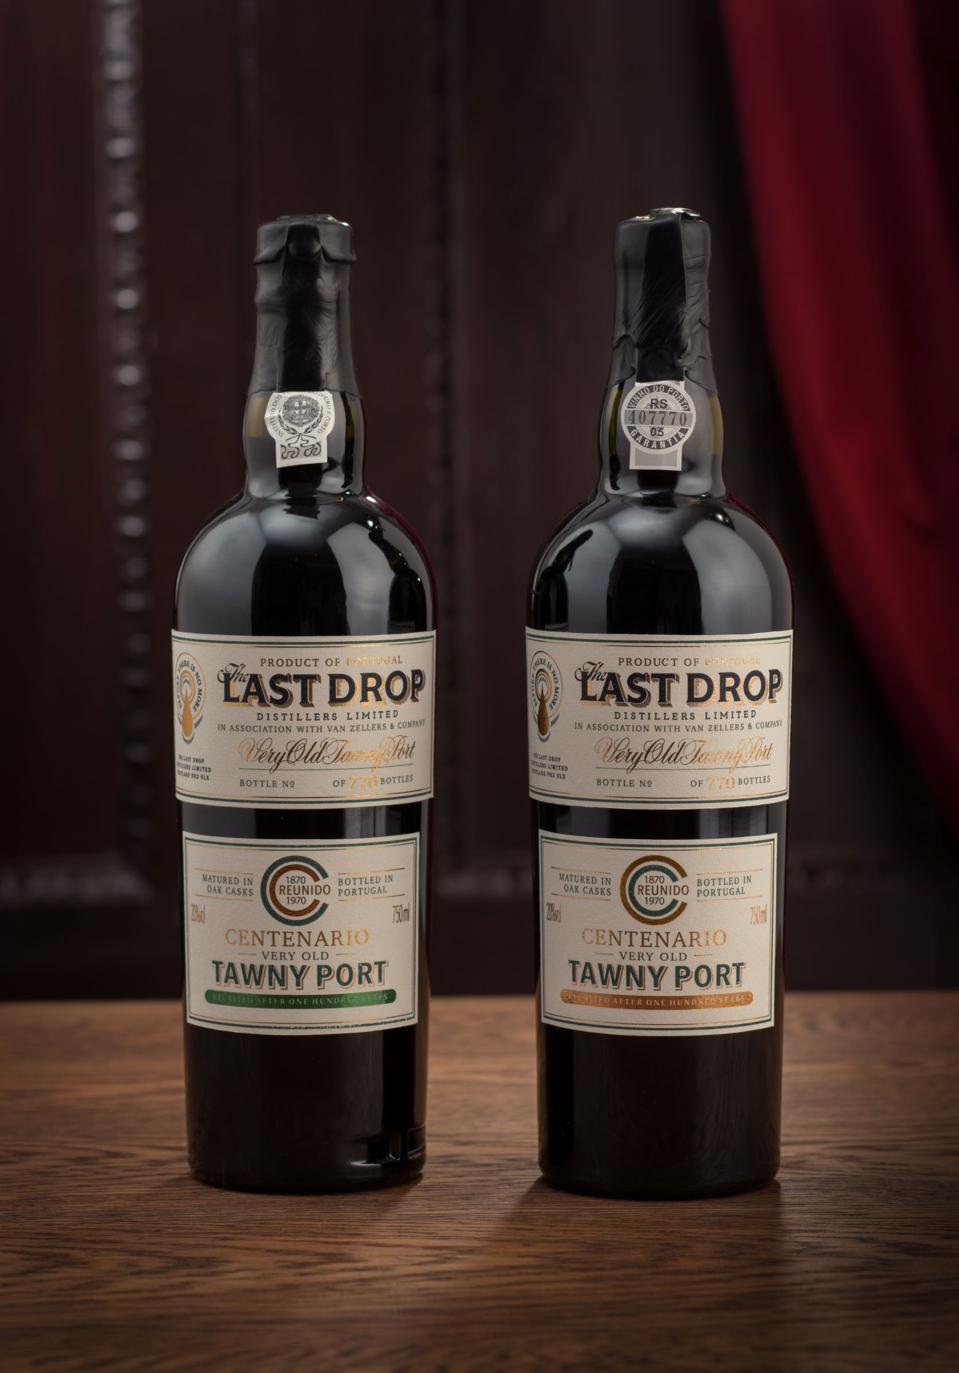 The Last Drop, Centenario, Duo Tawny Port Collection